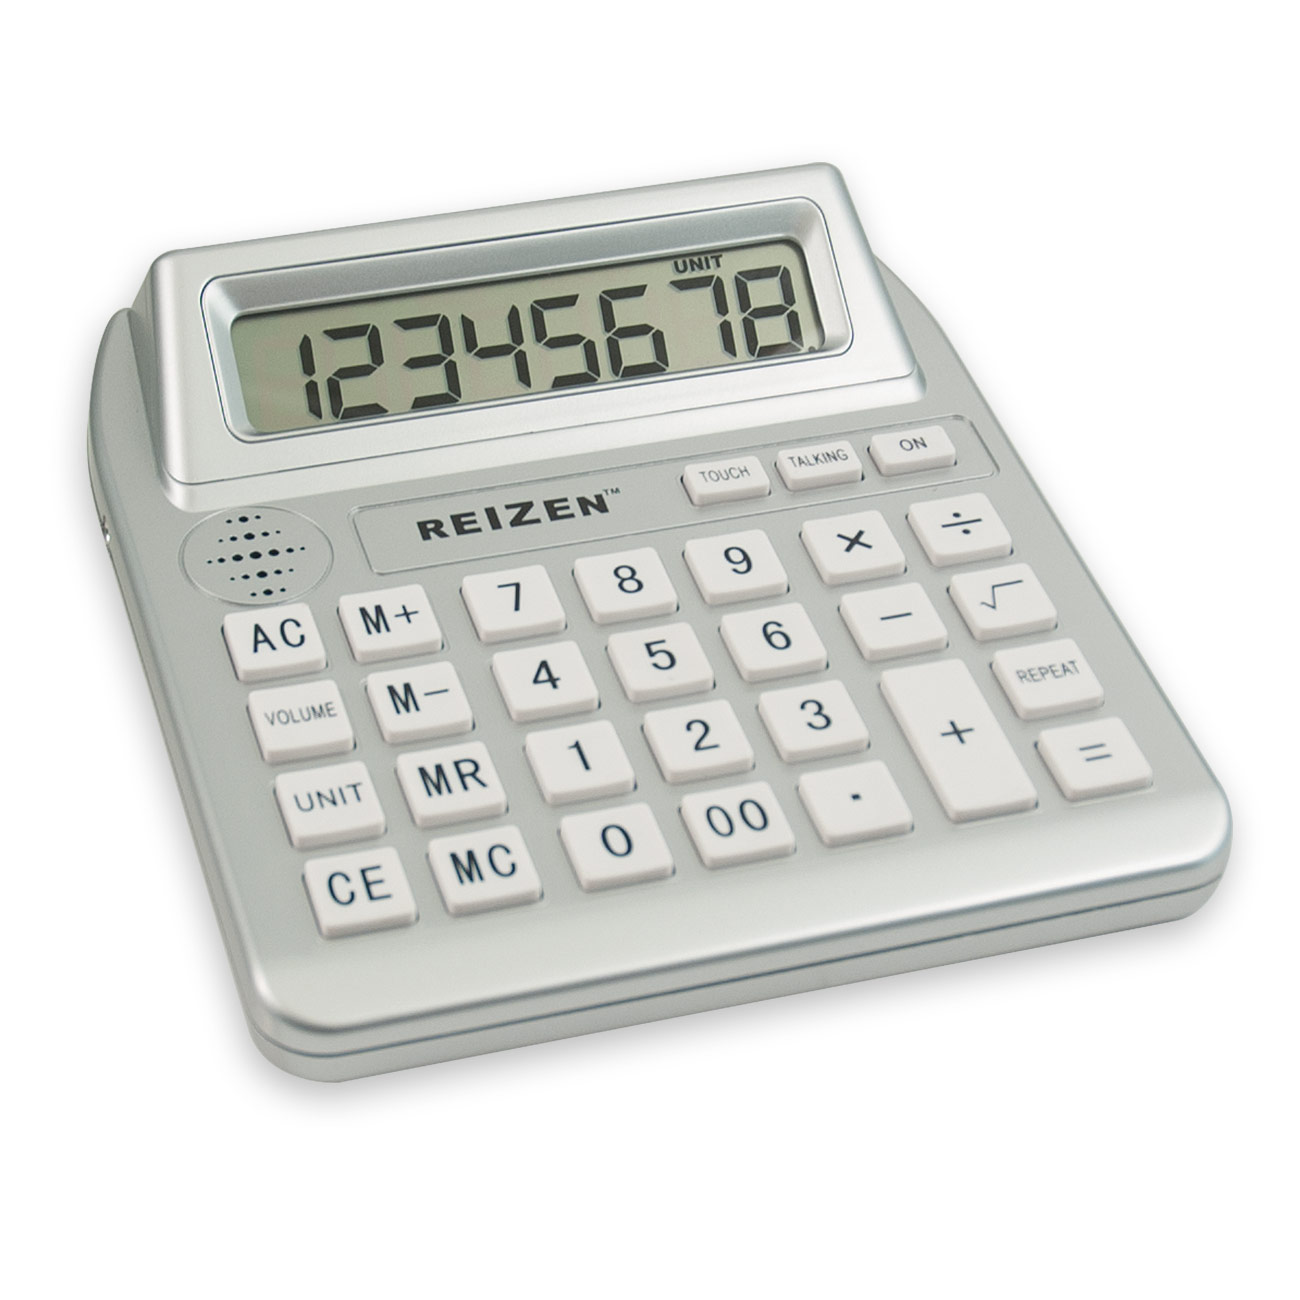 Reizen Touch Talking Calculator